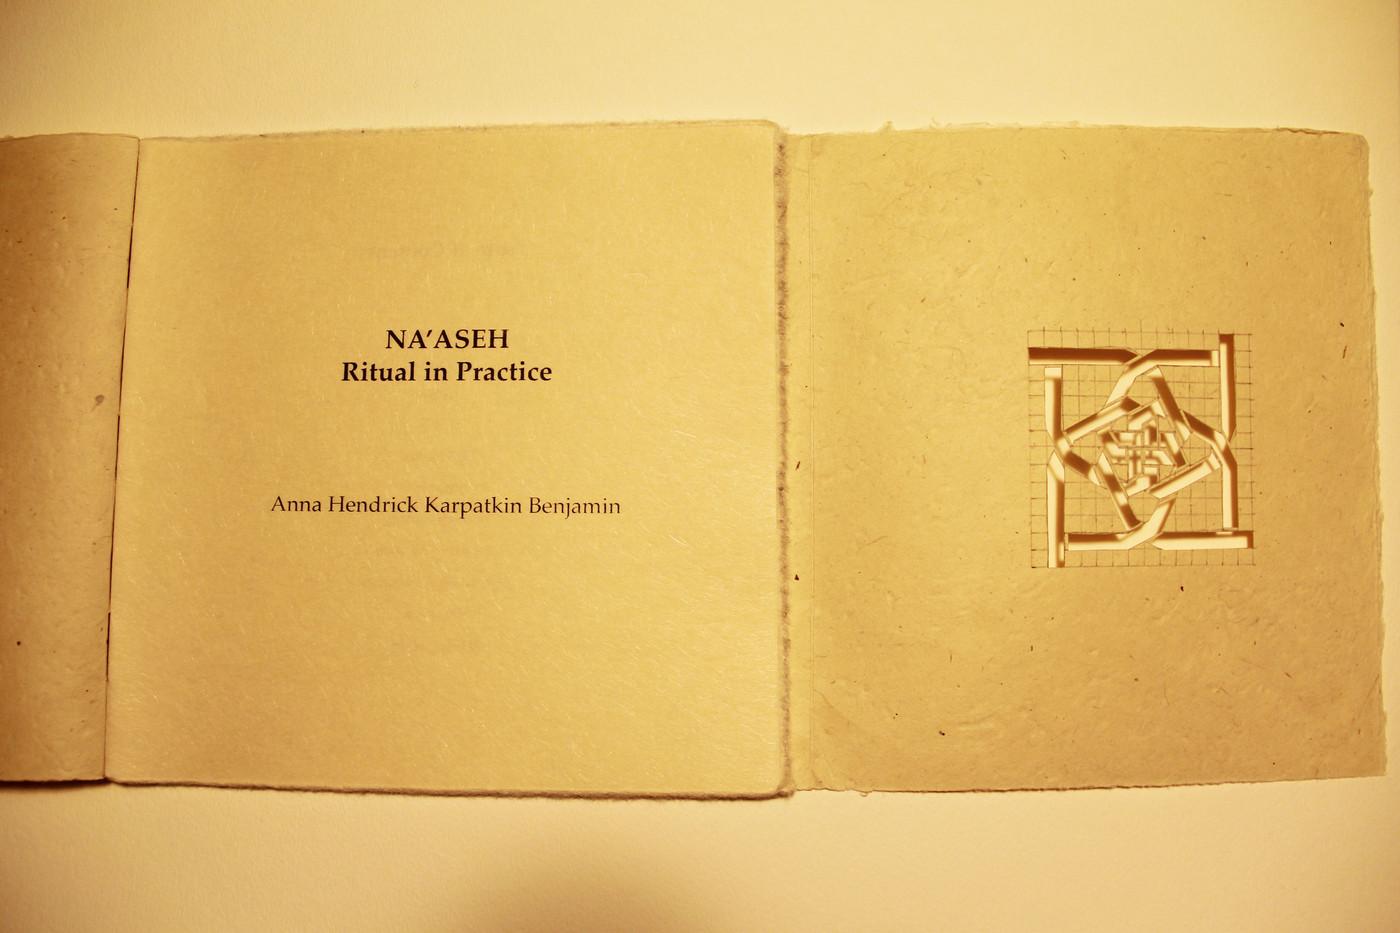 Na'aseh: Ritual in Practice